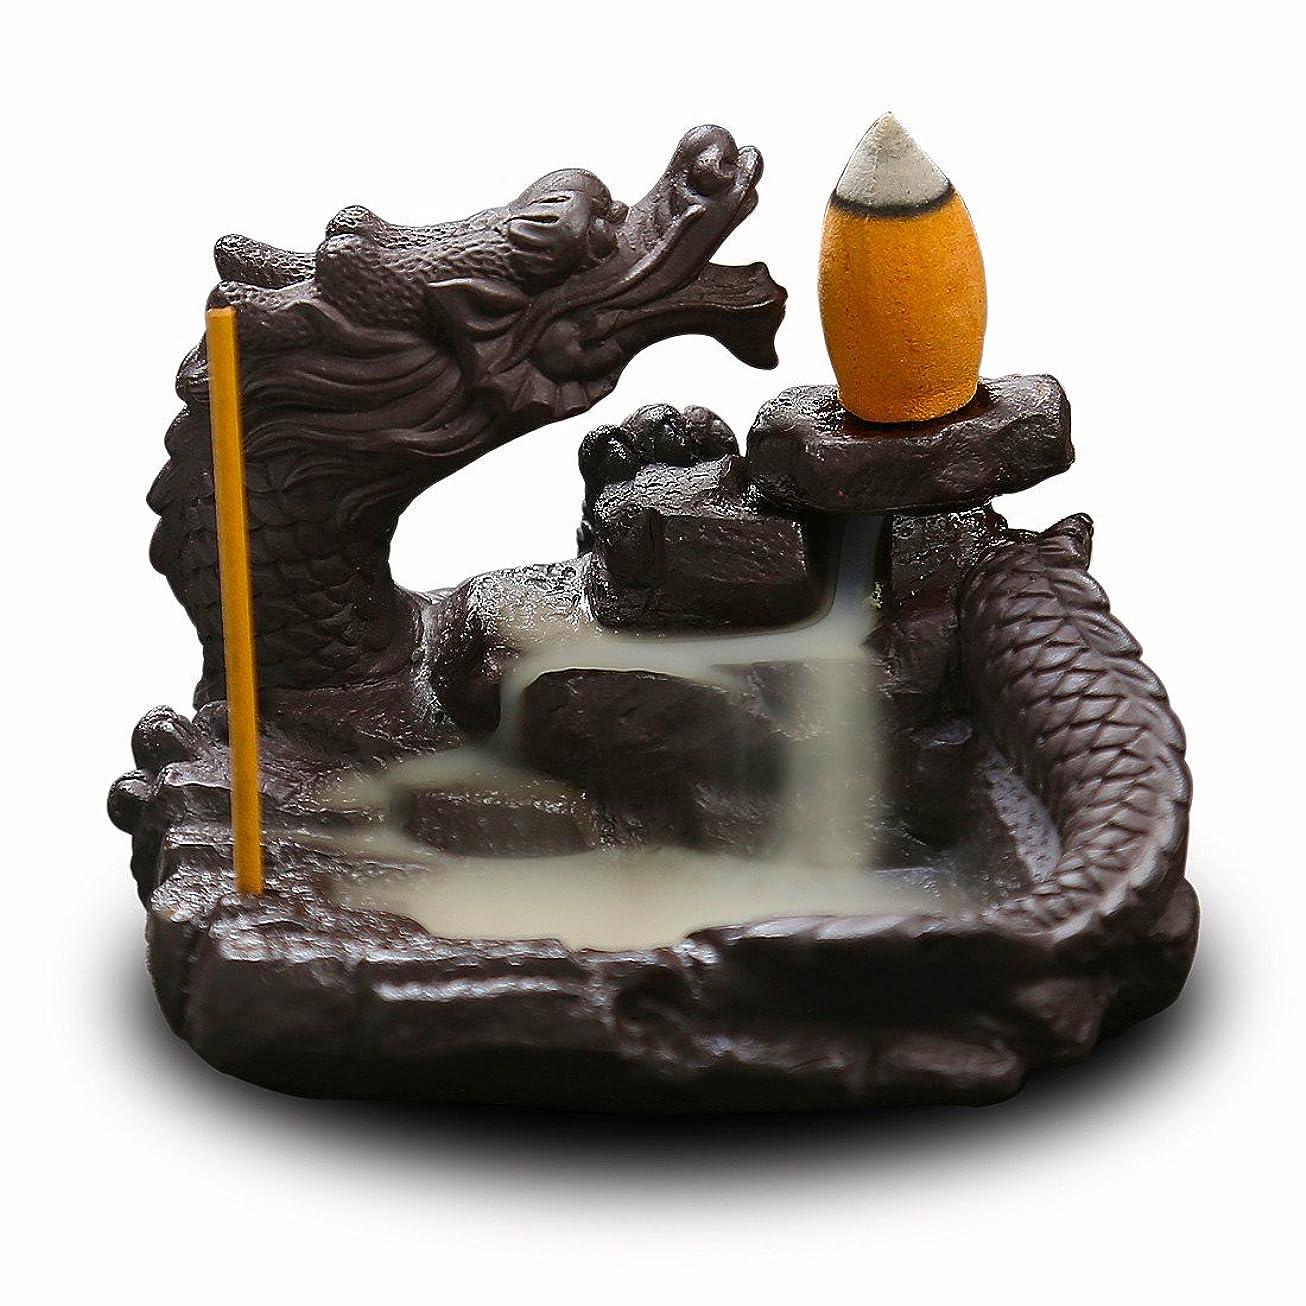 同一の混合した承認(Style6) - OTOFY Mythical Dragon Backflow Incense Holder Figurine Incense Cone Holder Gothic Home Decor